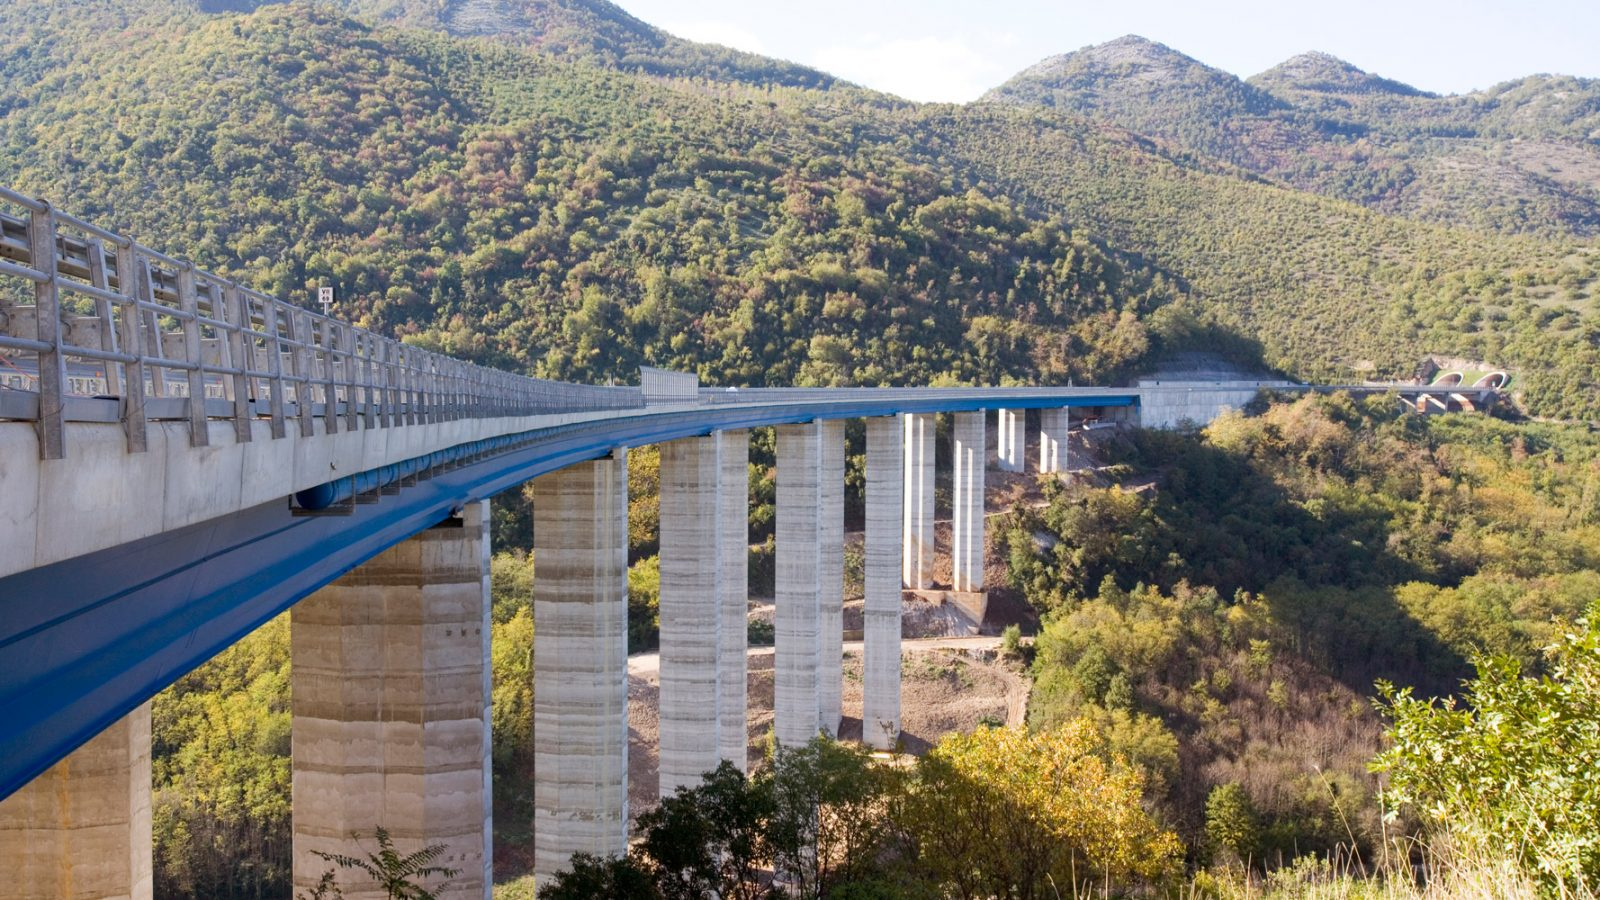 """A2 """"Autostrada del Mediterraneo, tratto Sicignano degli Alburni e PollaViadotto Lontrano (Archivio storico Anas)"""